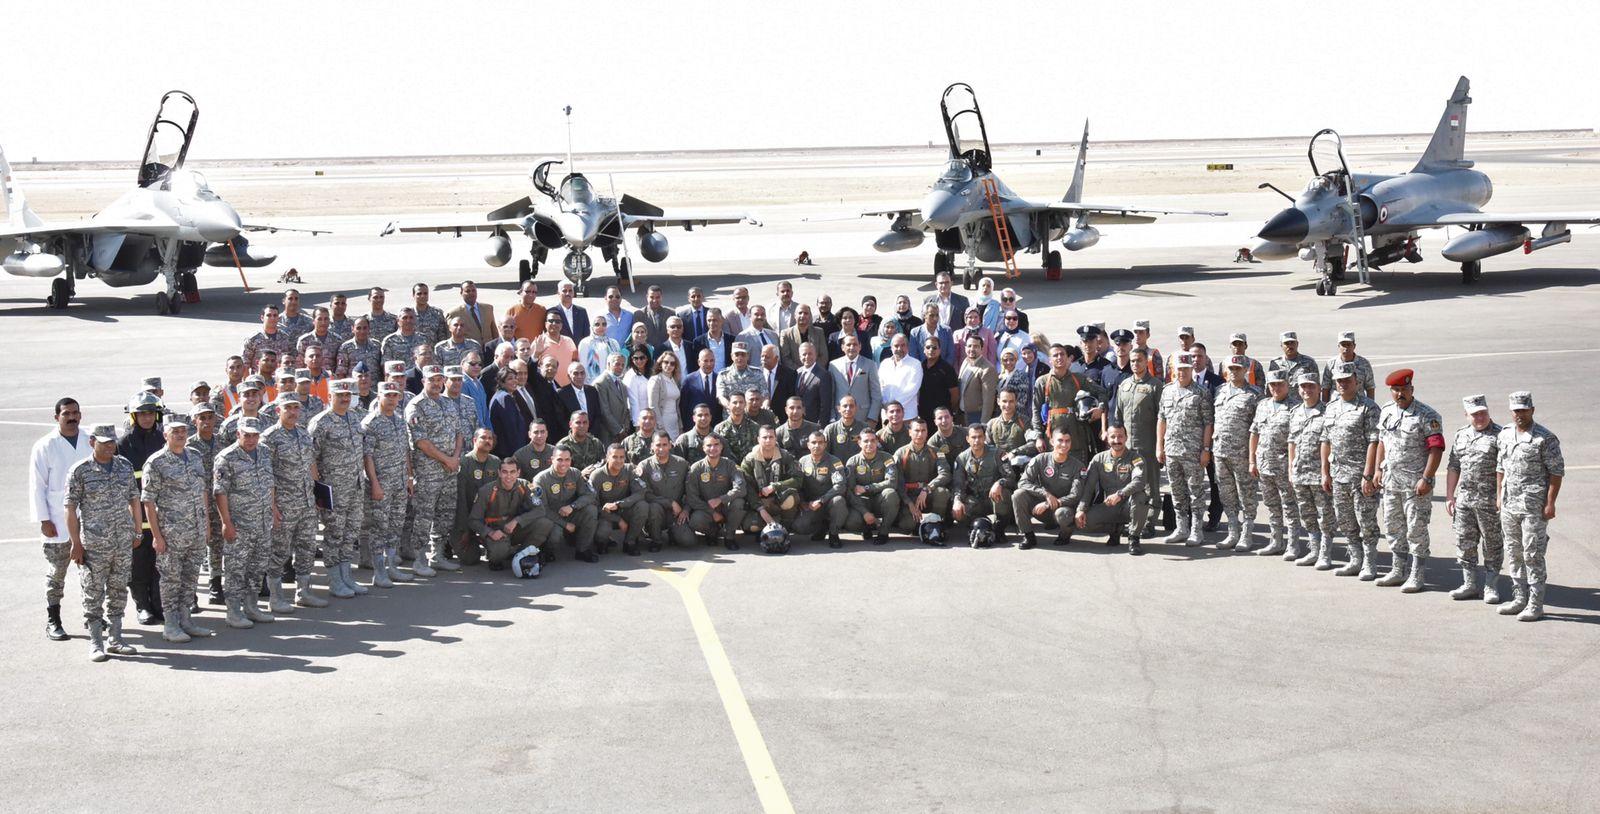 القوات الجوية تنفذ عروضا فى سماء مصر (3)